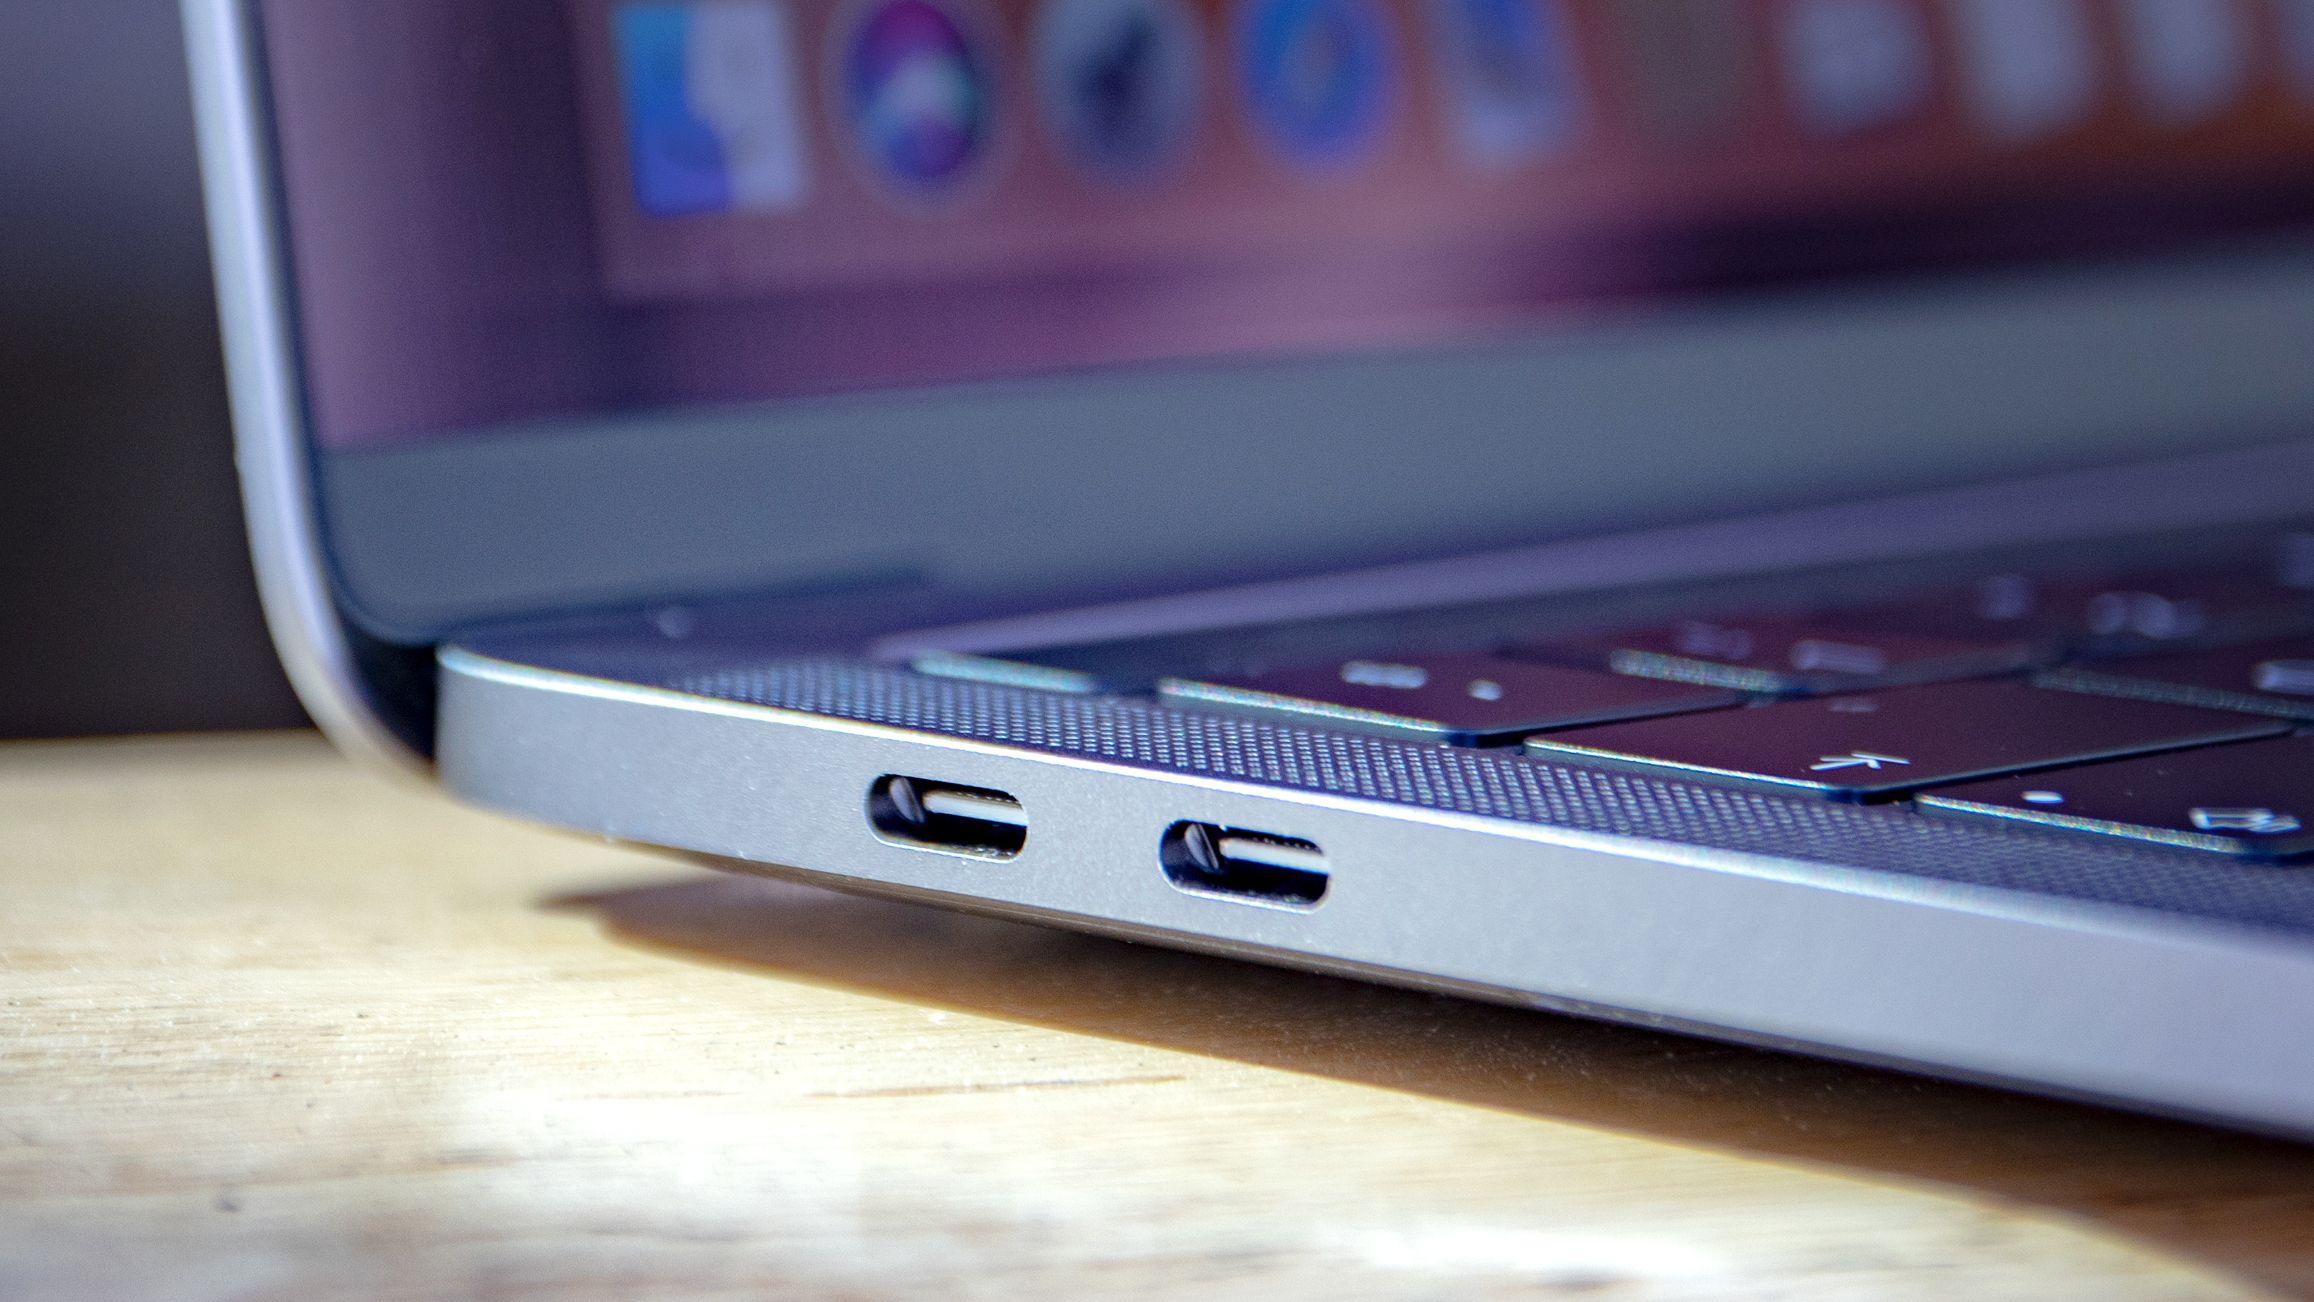 Forskere: USB-C-porten din kan utgjøre en enorm sikkerhetsrisiko